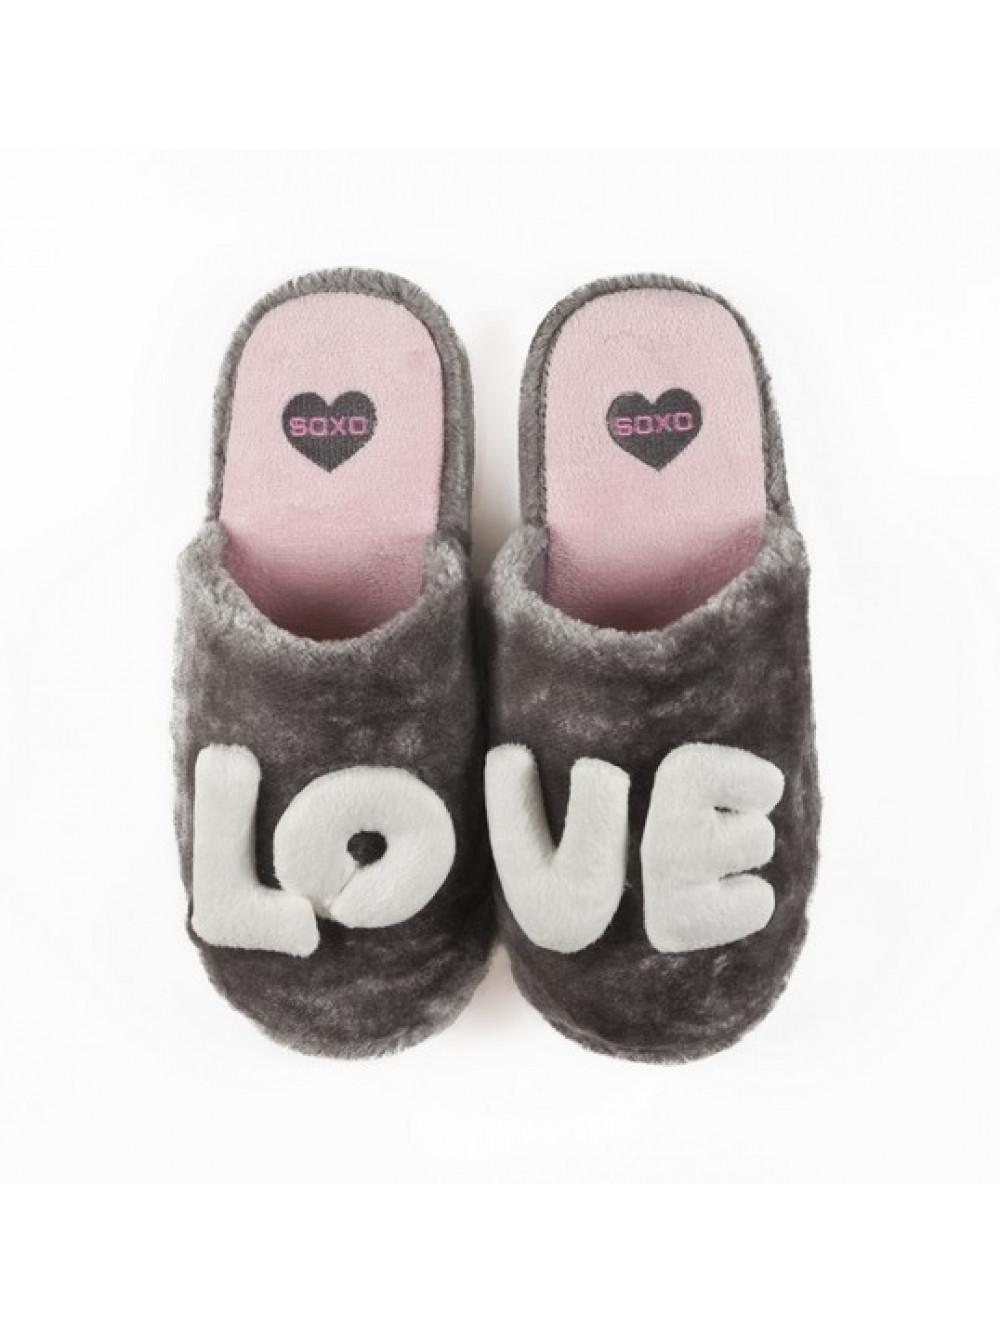 Papuče Soxo Love Grey